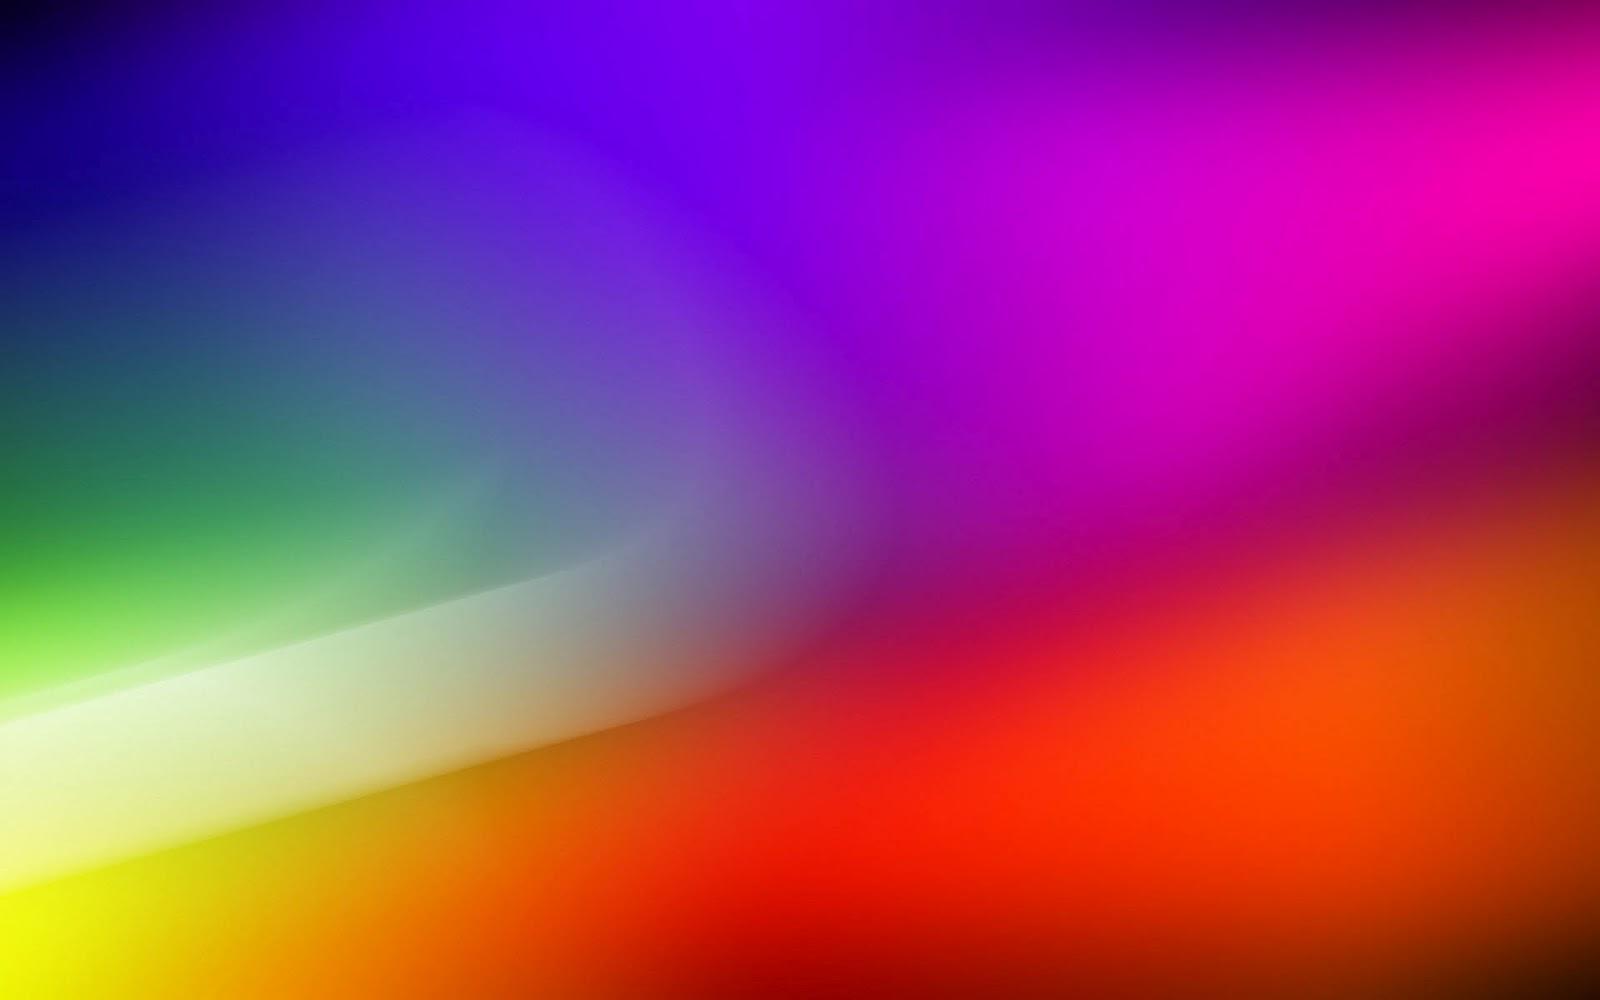 gratis abstracte kleuren wallpapers - photo #12